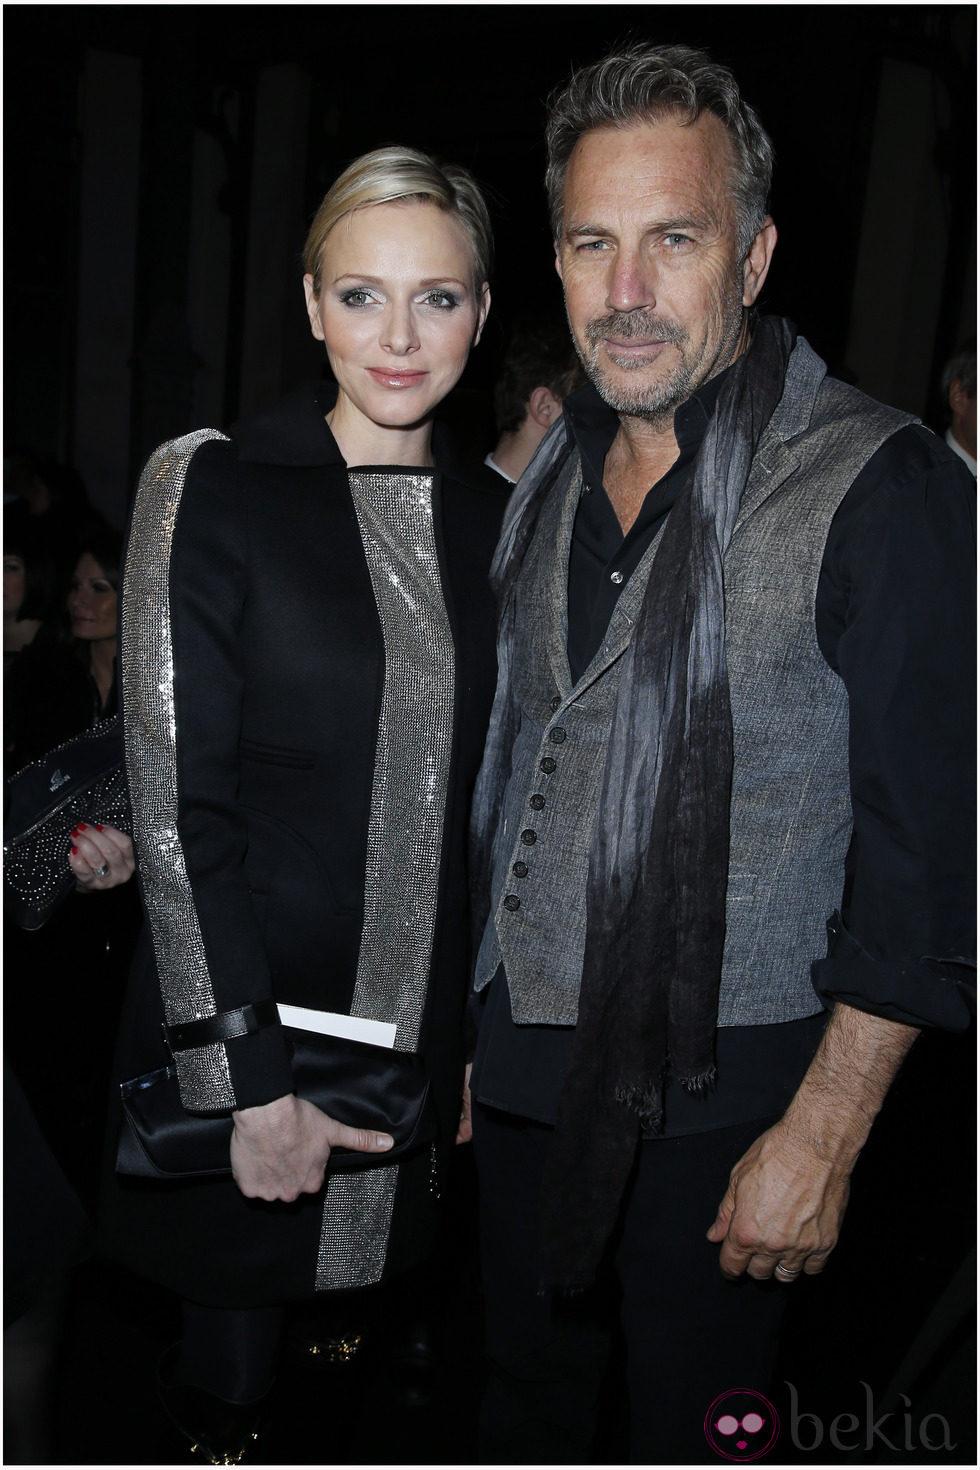 Charlene de Mónaco y Kevin Costner en la Semana de la Moda de París otoño/invierno 2013/2014